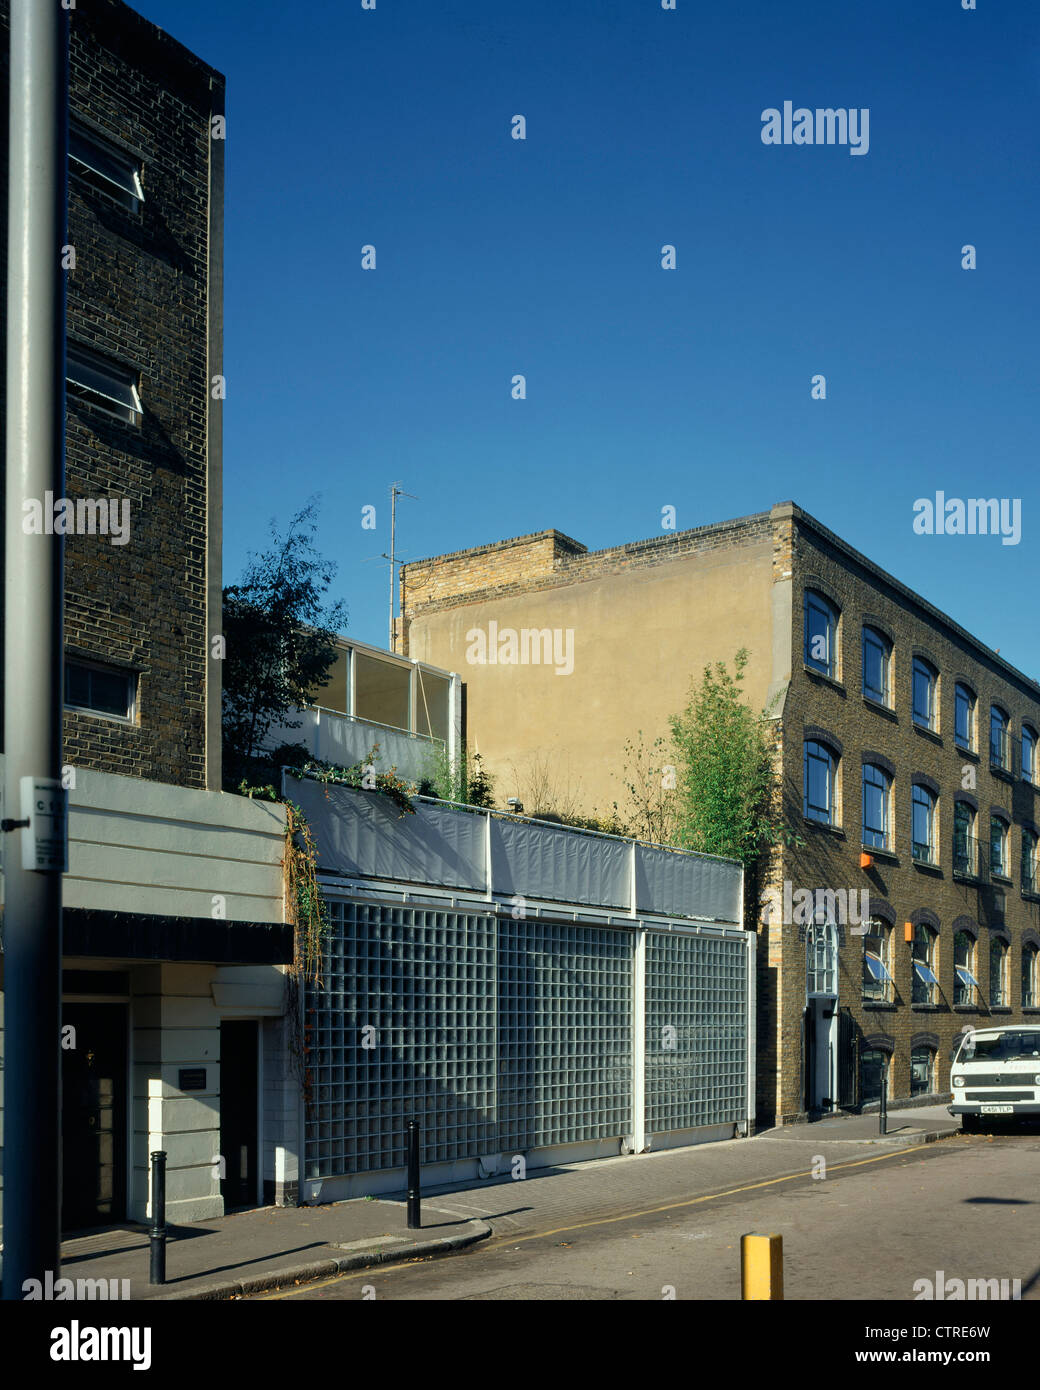 Place Of Abod Stockfotos & Place Of Abod Bilder - Alamy